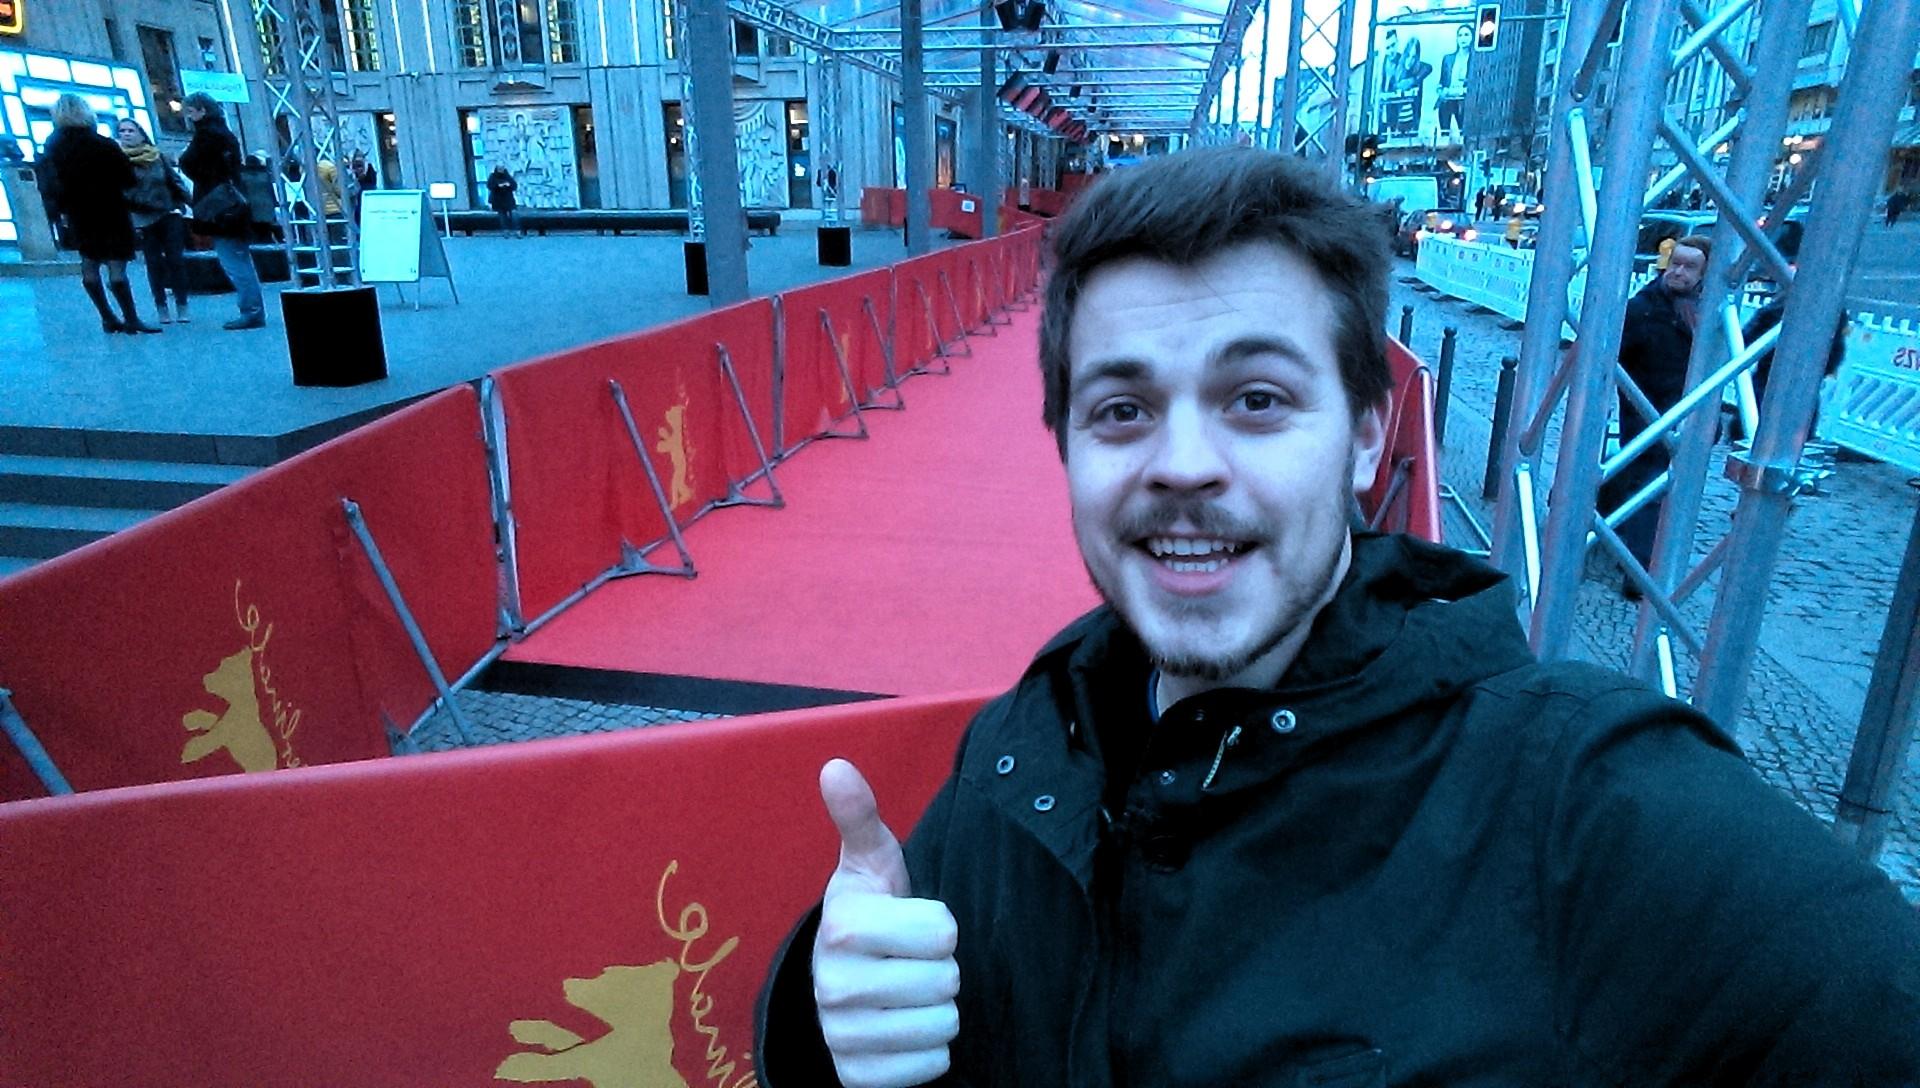 DAS müsst ihr sehen! bonnFM auf der Berlinale